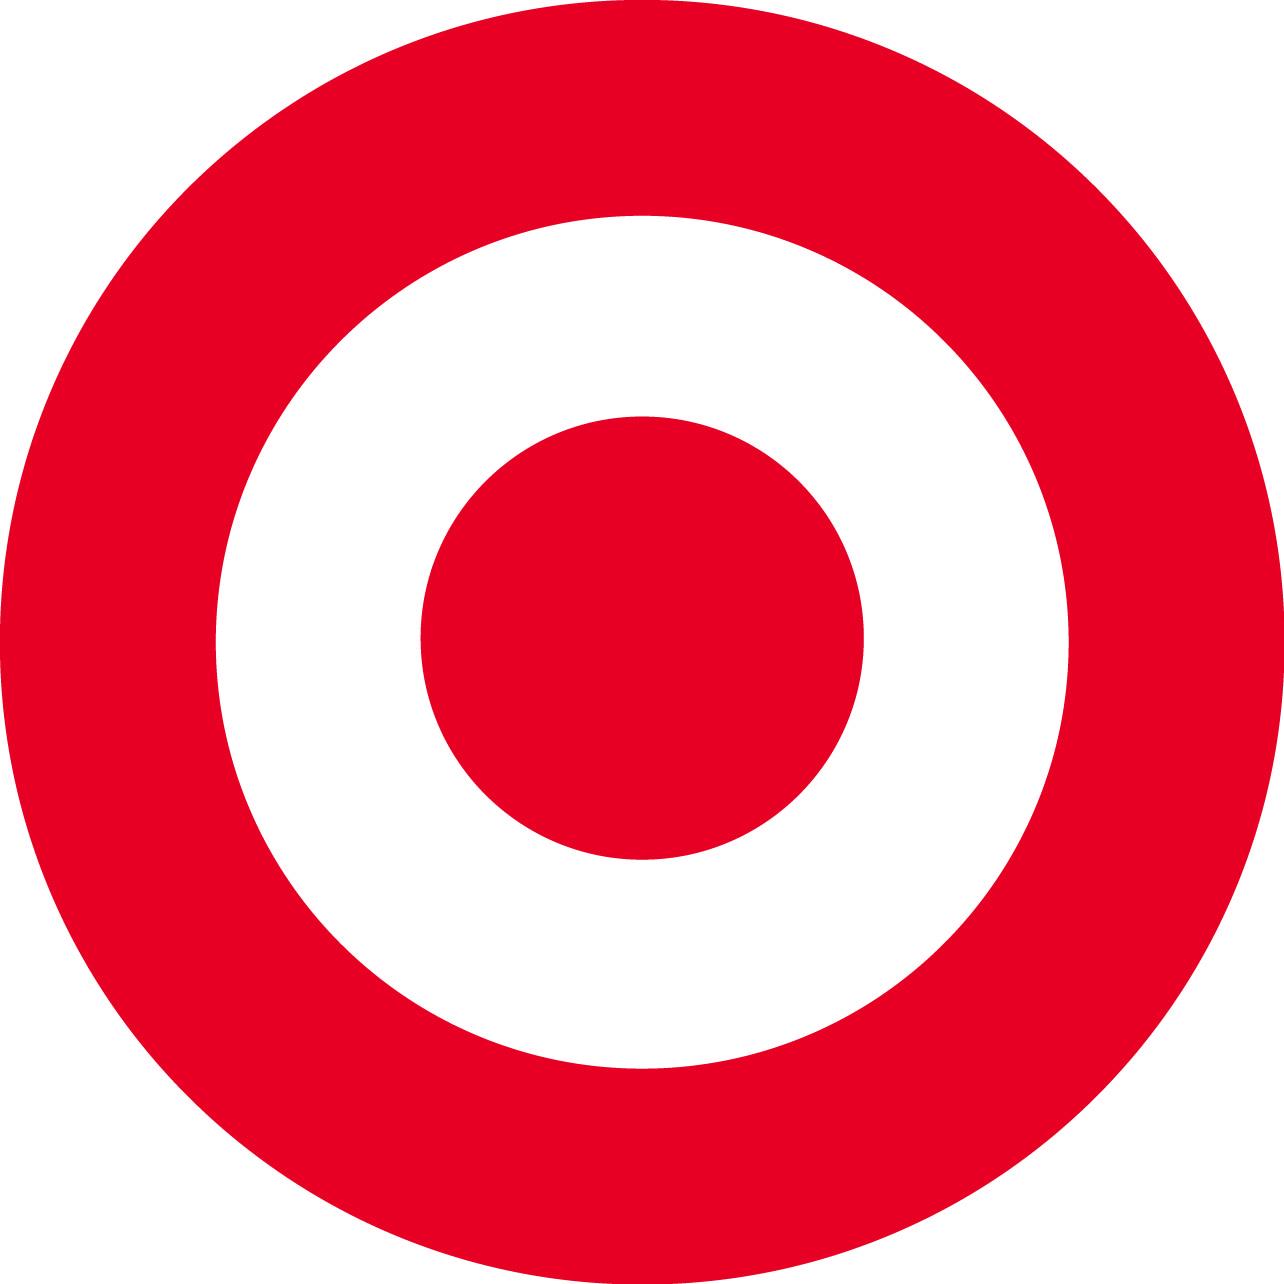 Bullseye_75_CMYK_no trademark.jpg